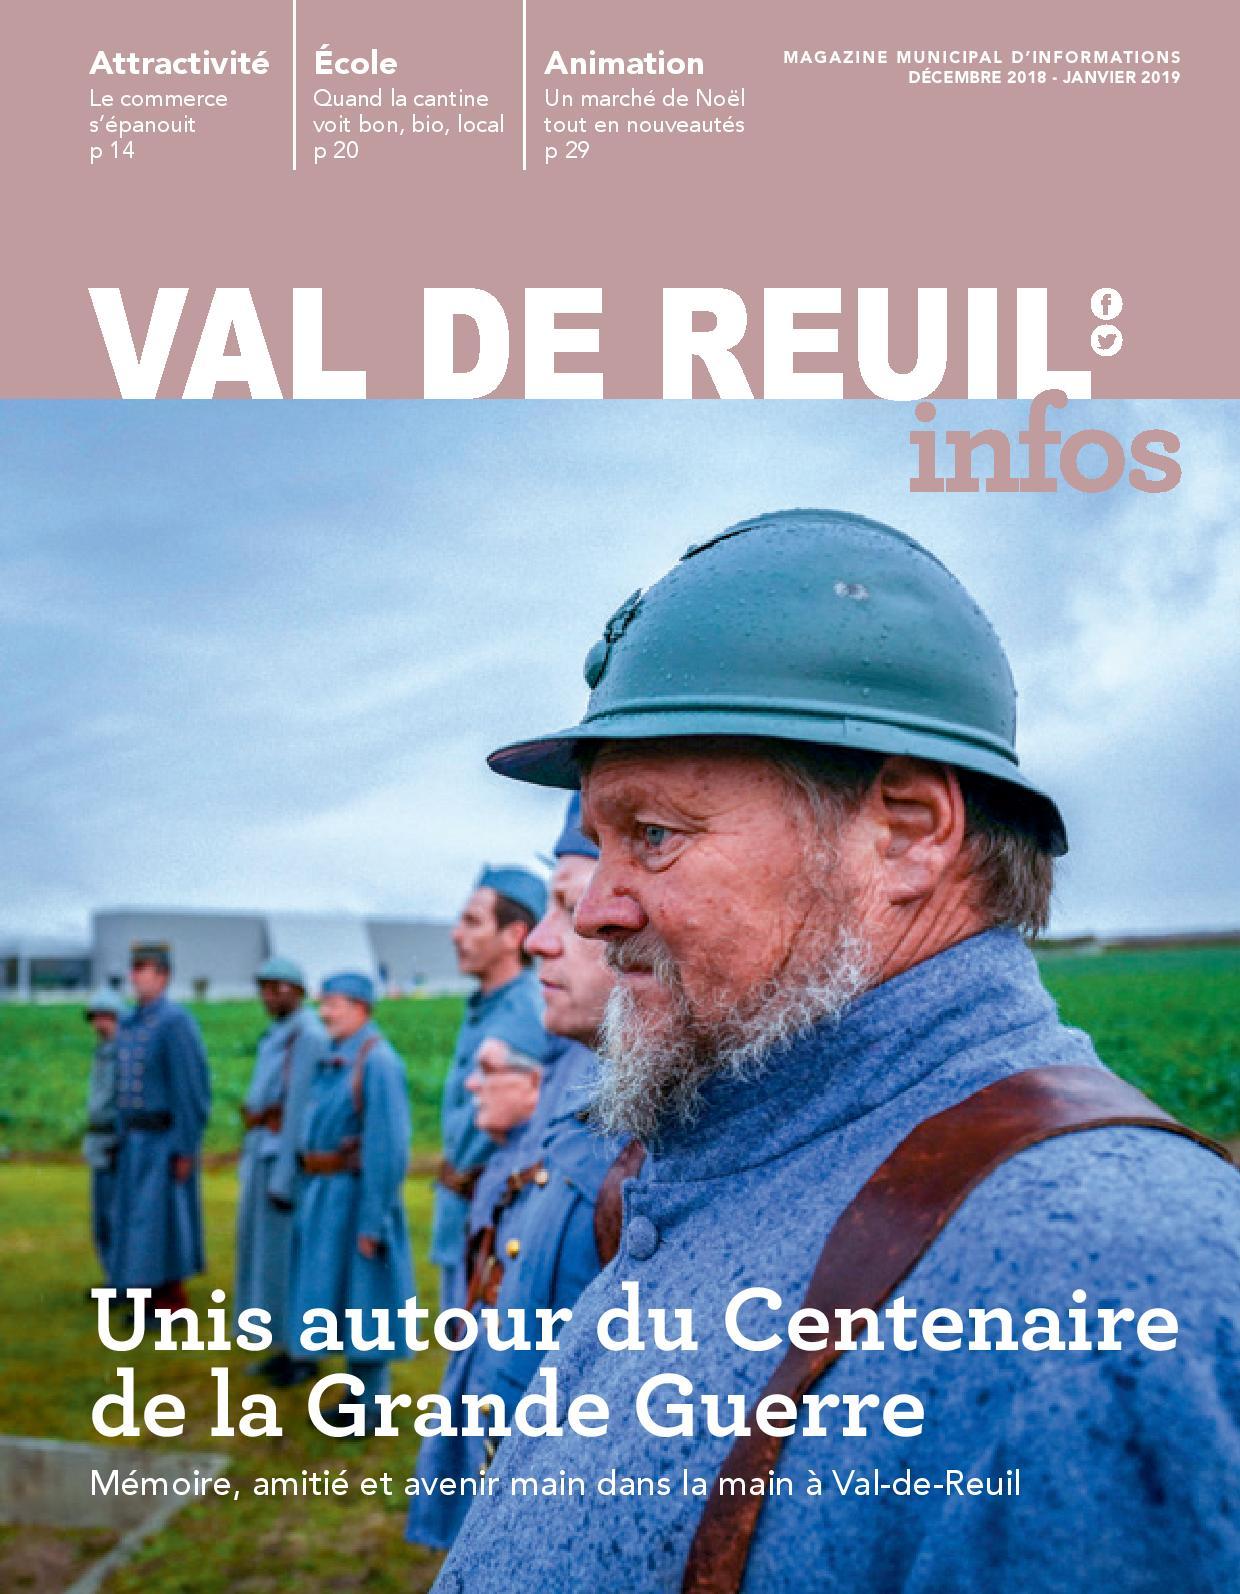 Val de Reuil_Infos N°10 Décembre 2018 – Janvier 2019